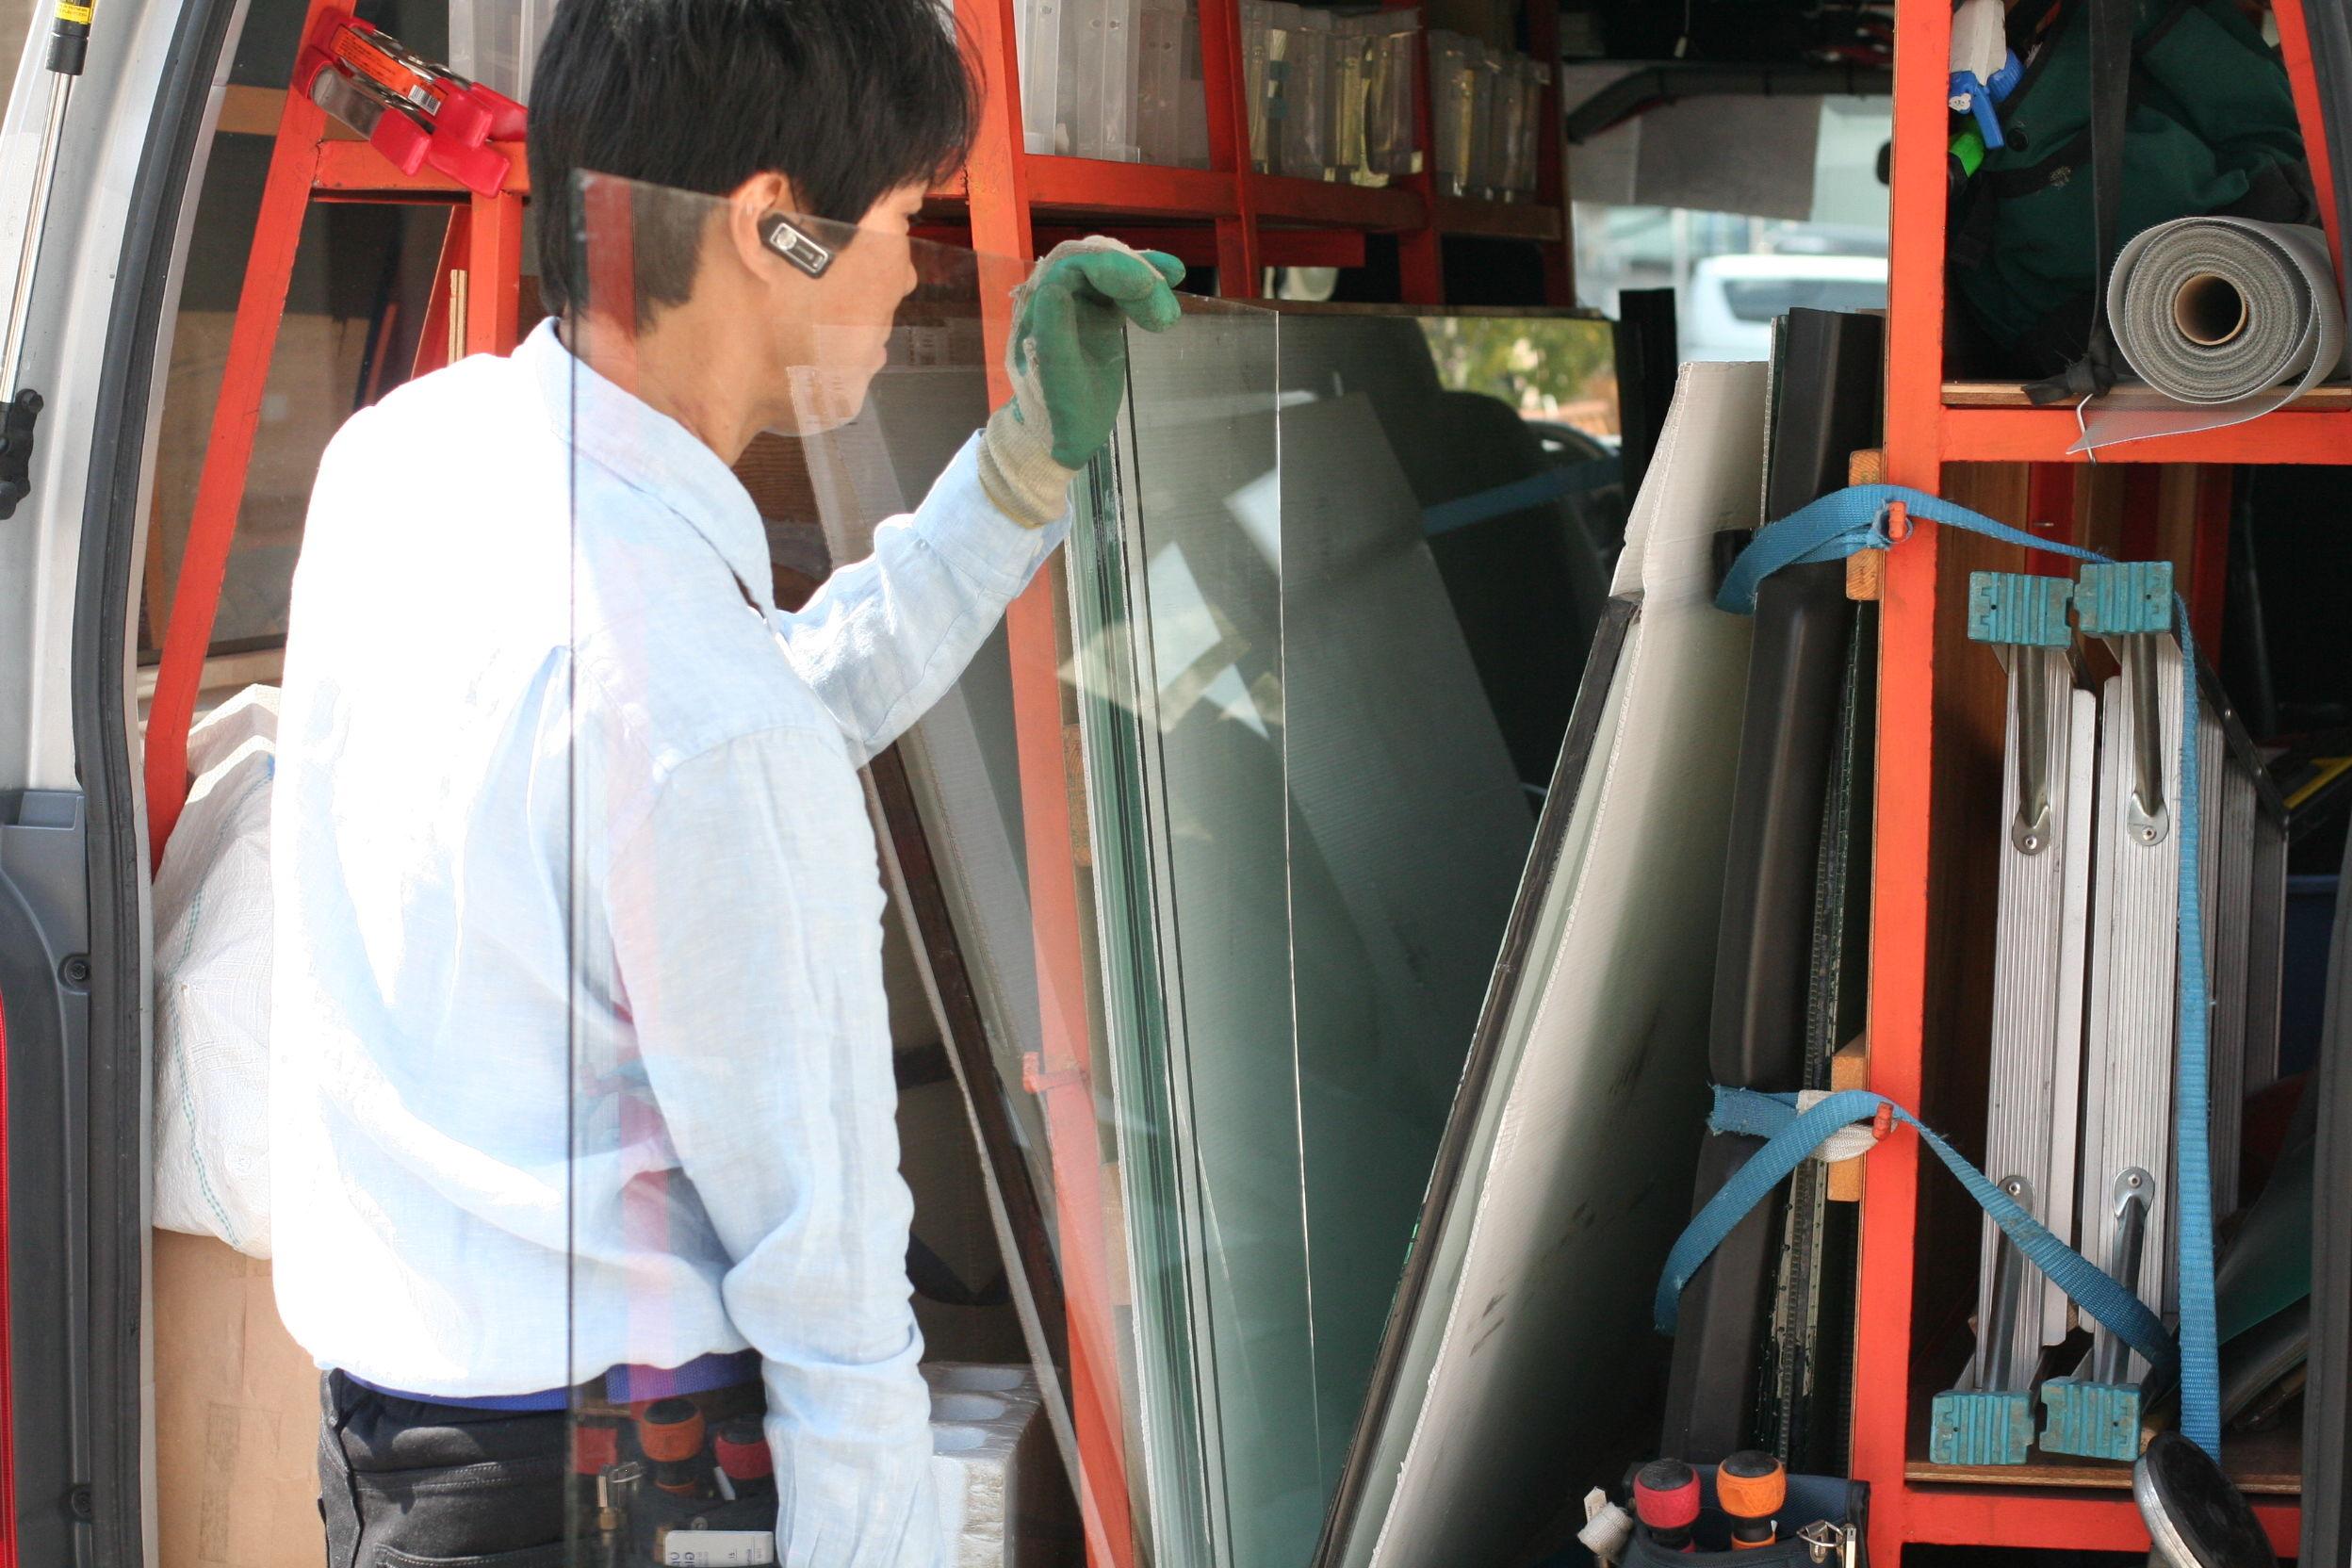 ガラスのトラブル救Q隊.24【印旛郡栄町 出張エリア】のメイン画像